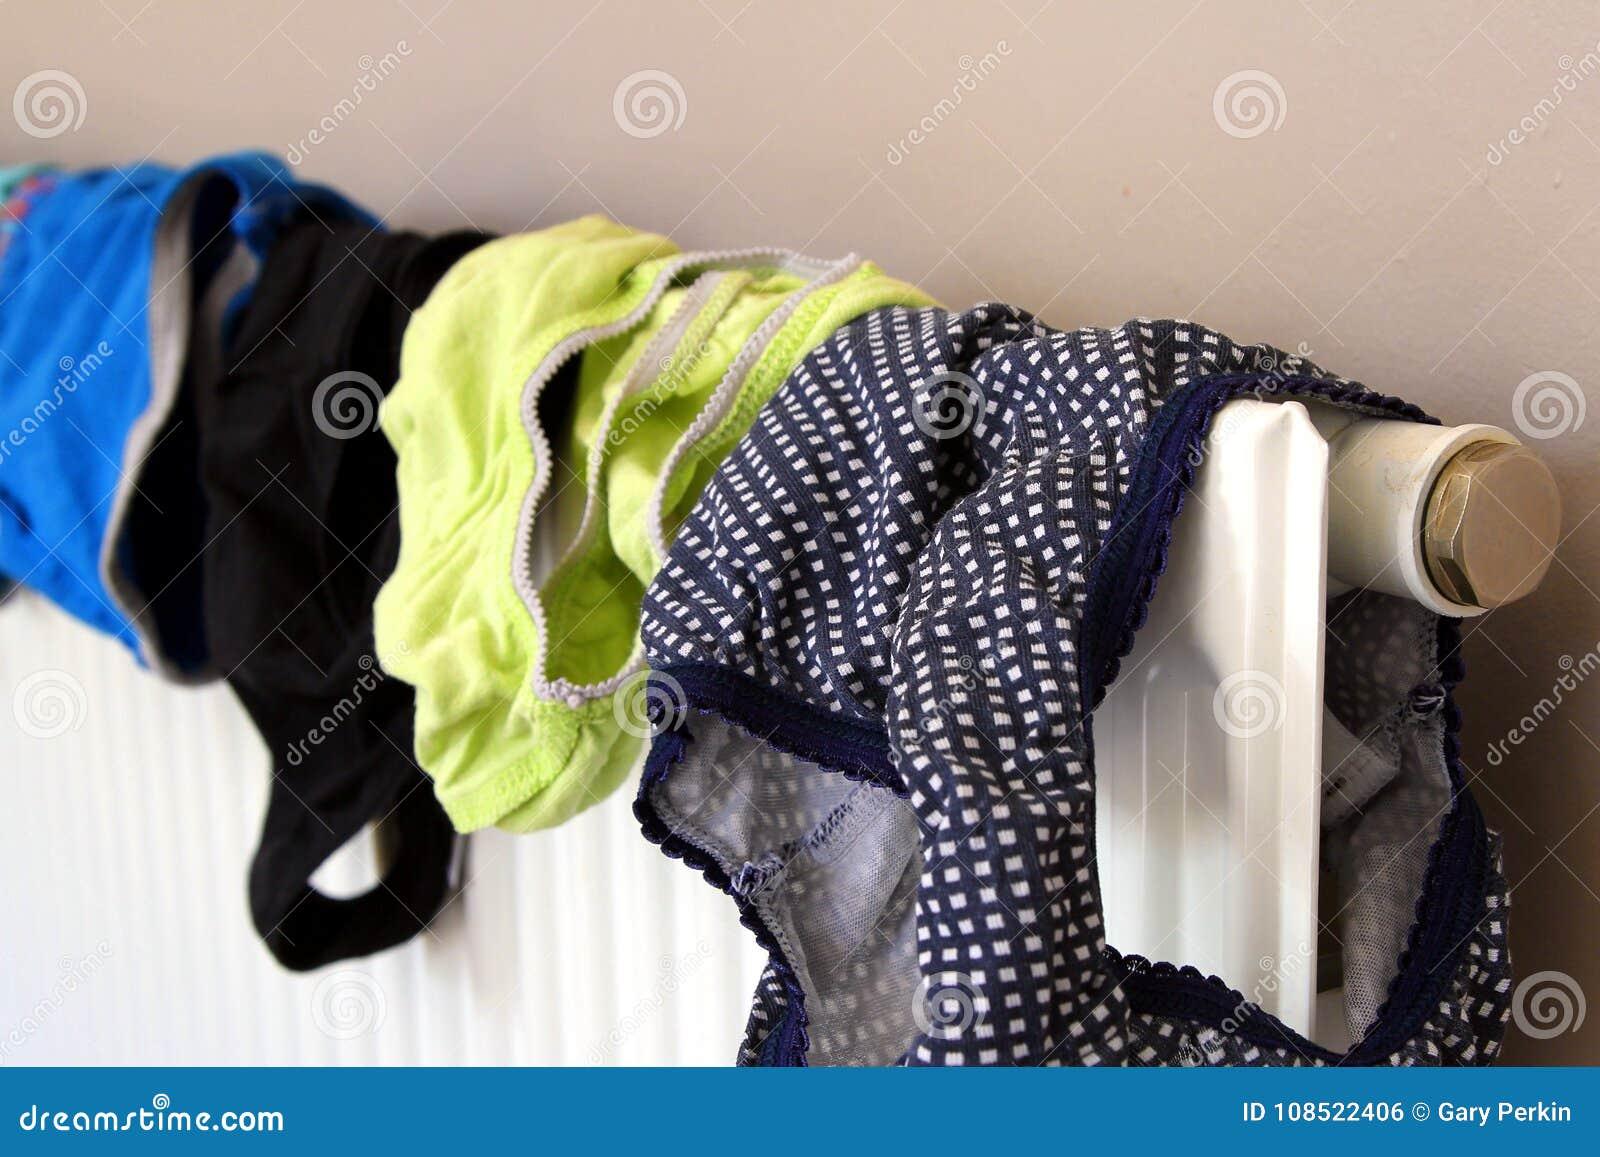 120d54fb4c32f4 Séchage de sous-vêtements sur un radiateur domestique après avoir été lavé